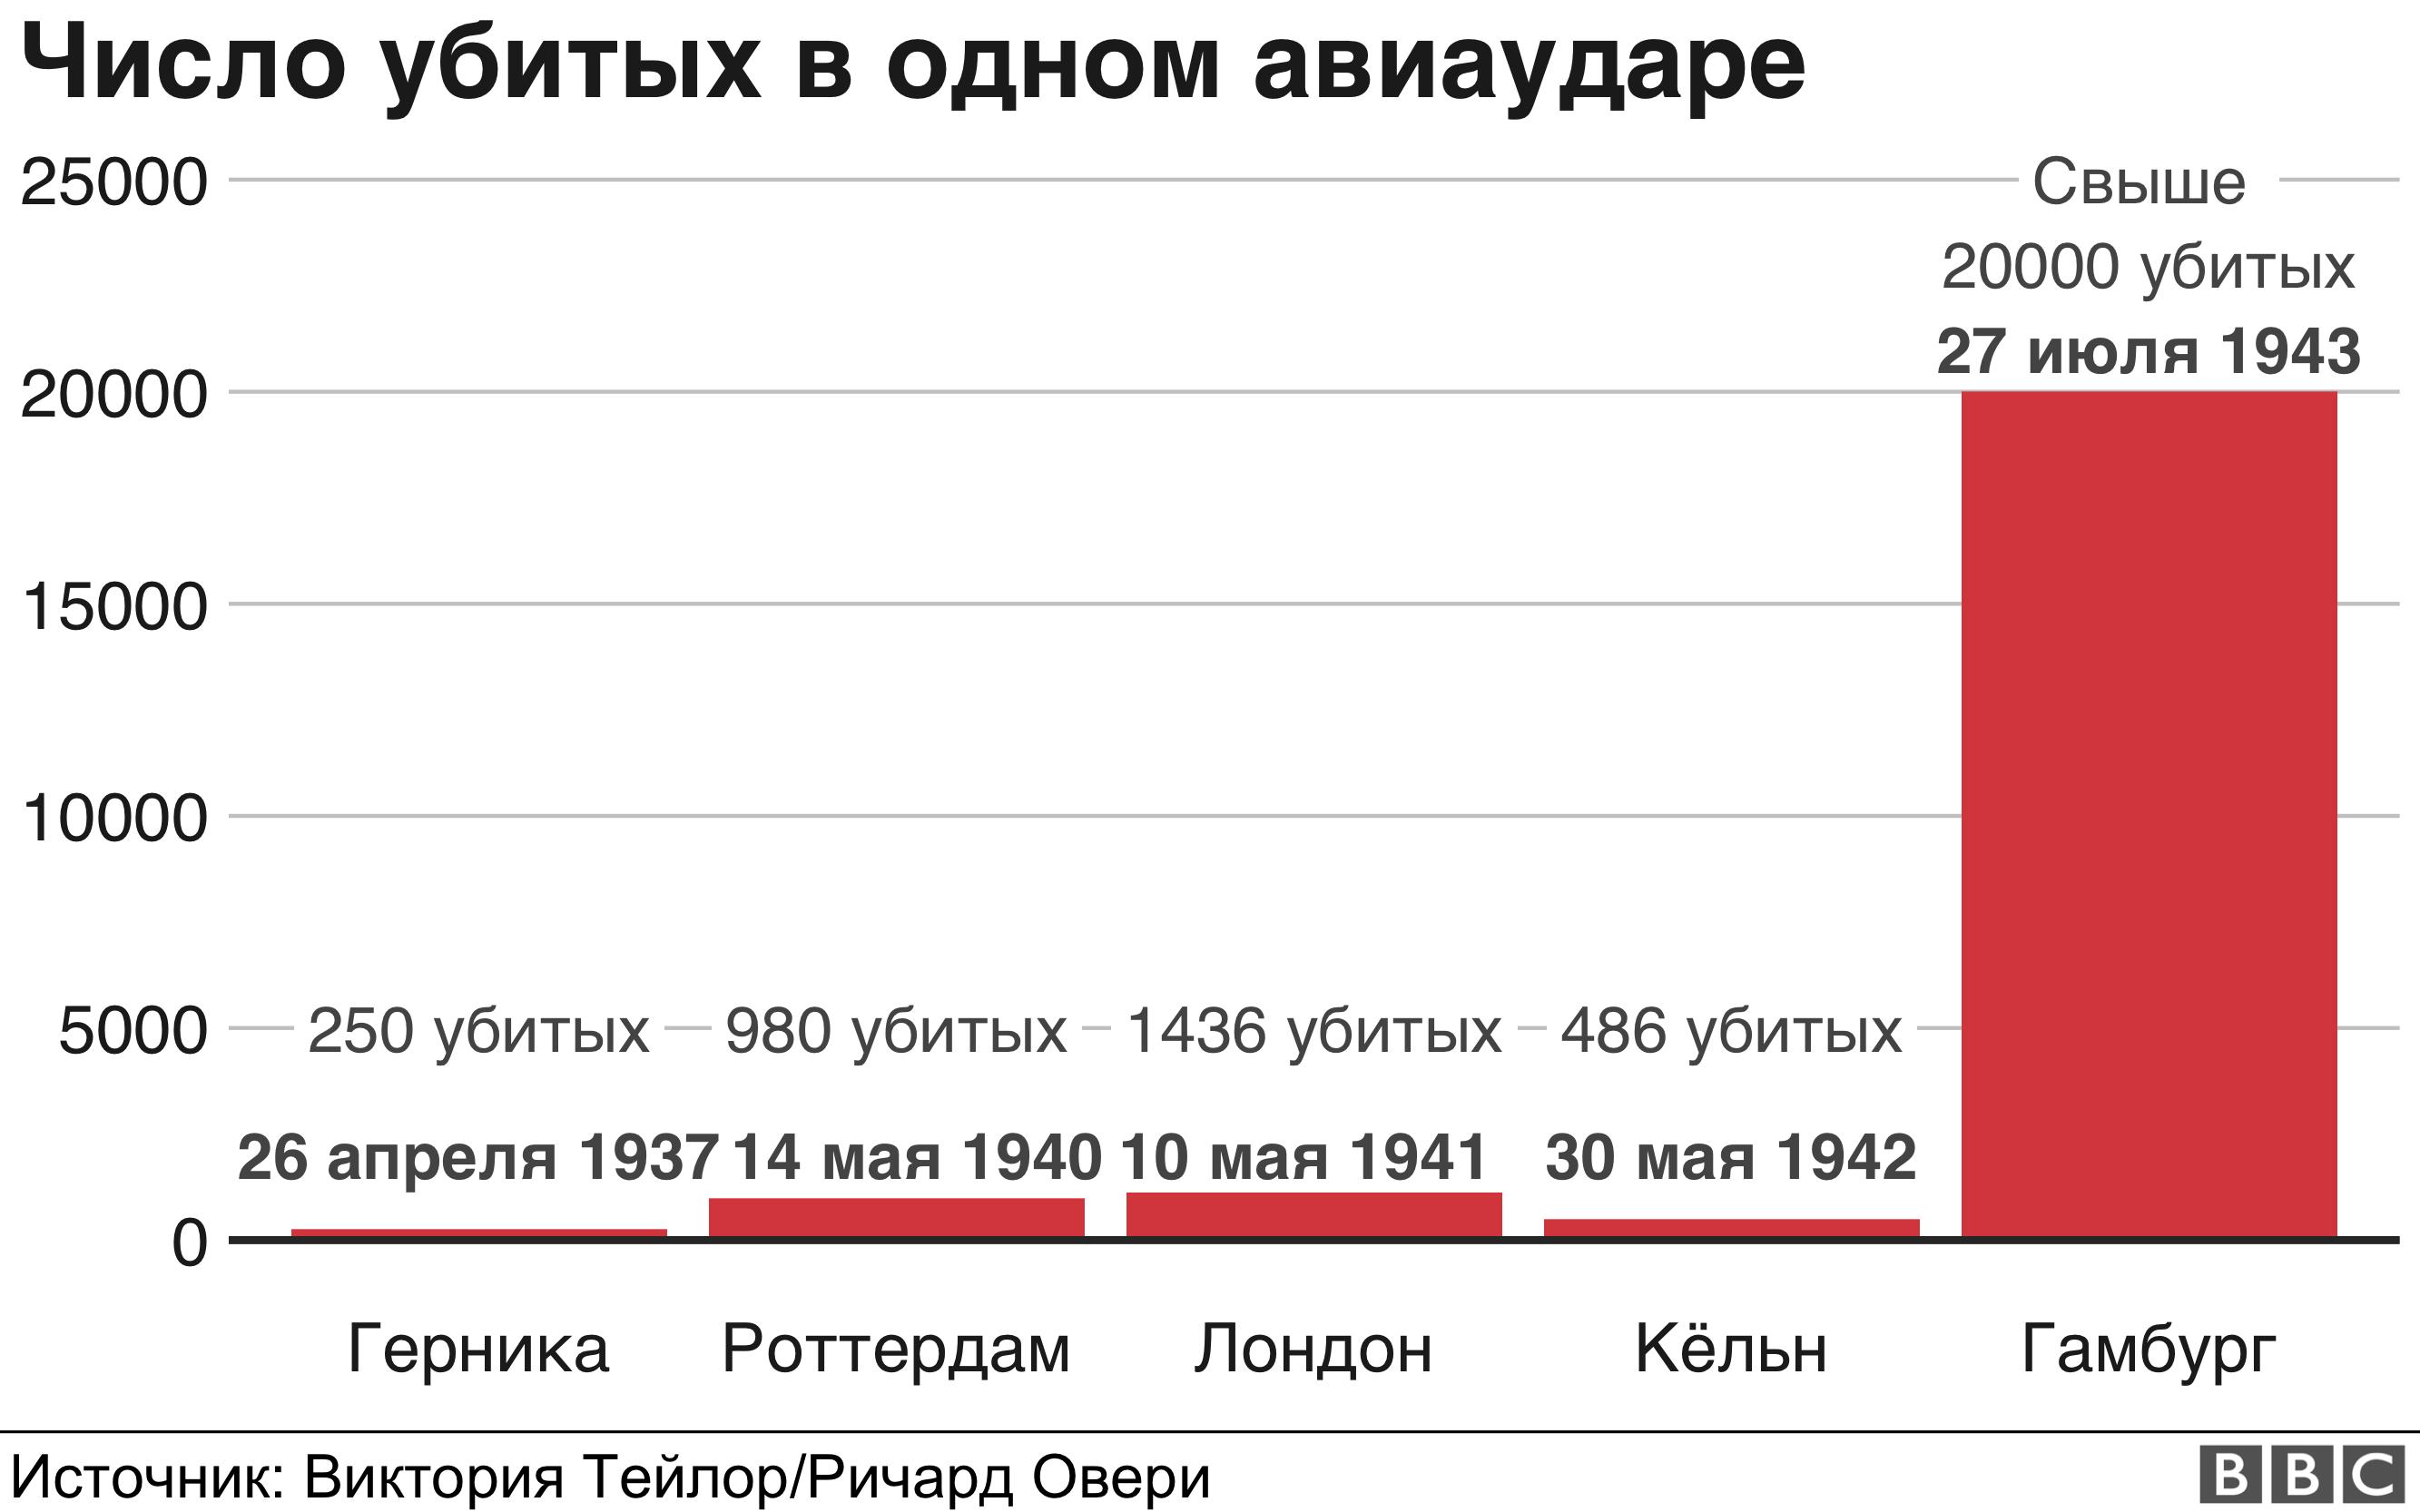 Сравнительная таблица количества убитых при одном авиаударе